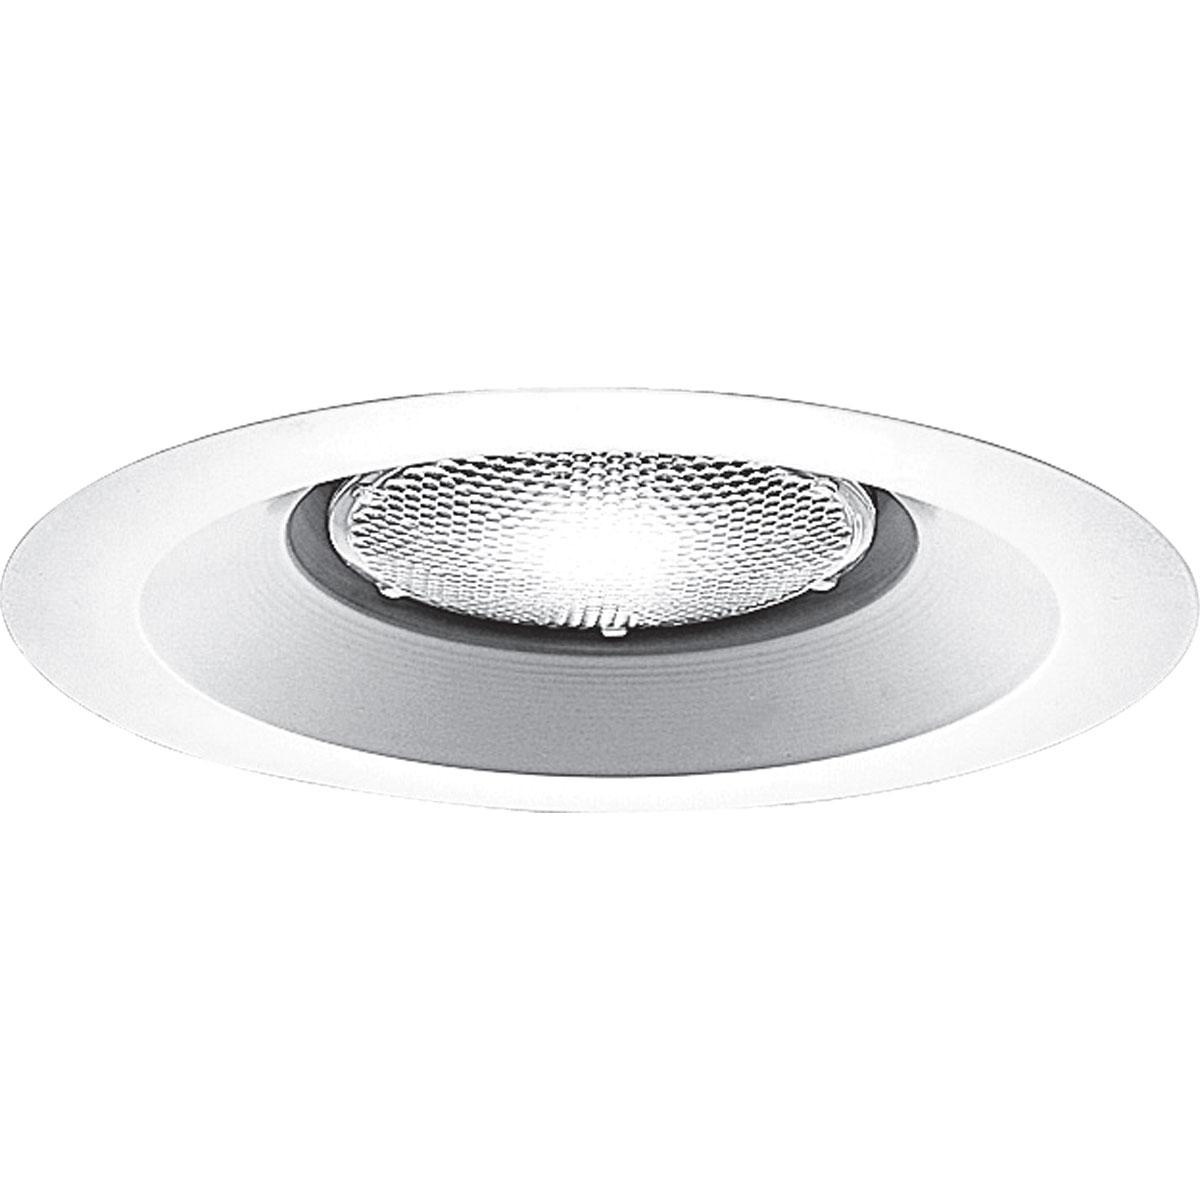 PRO P8072-28 White Recessed Lighting Trim